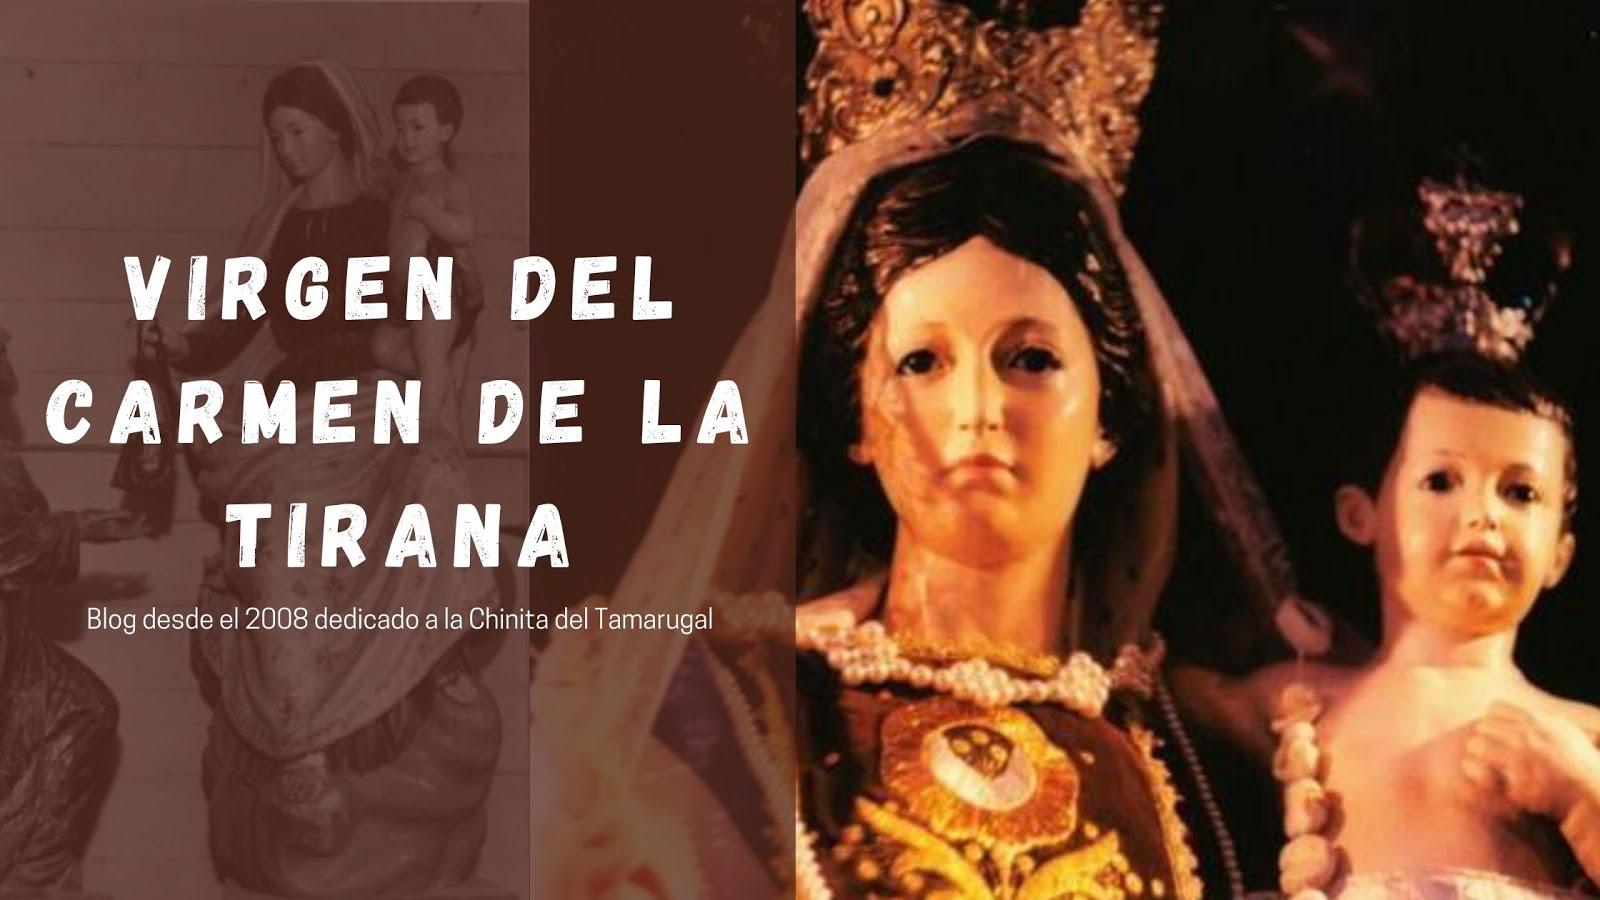 Virgen del Carmen de la Tirana